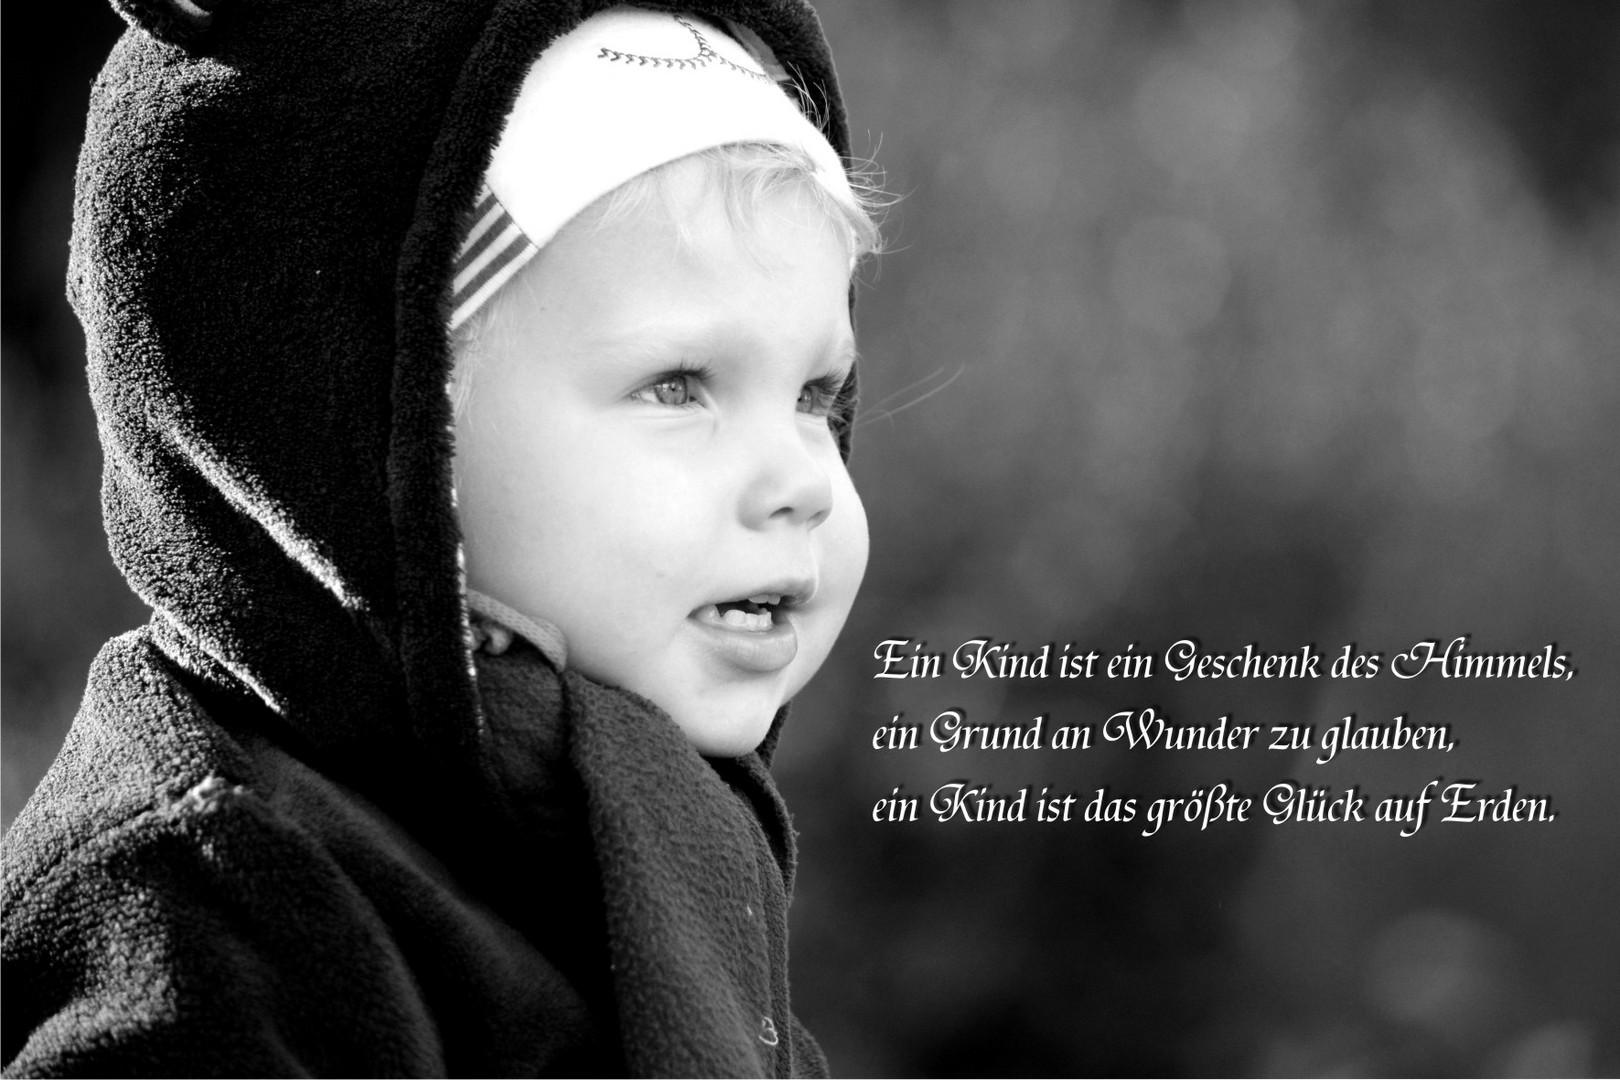 Geschenk Des Himmels Foto Bild Kinder Kinder Ab 2